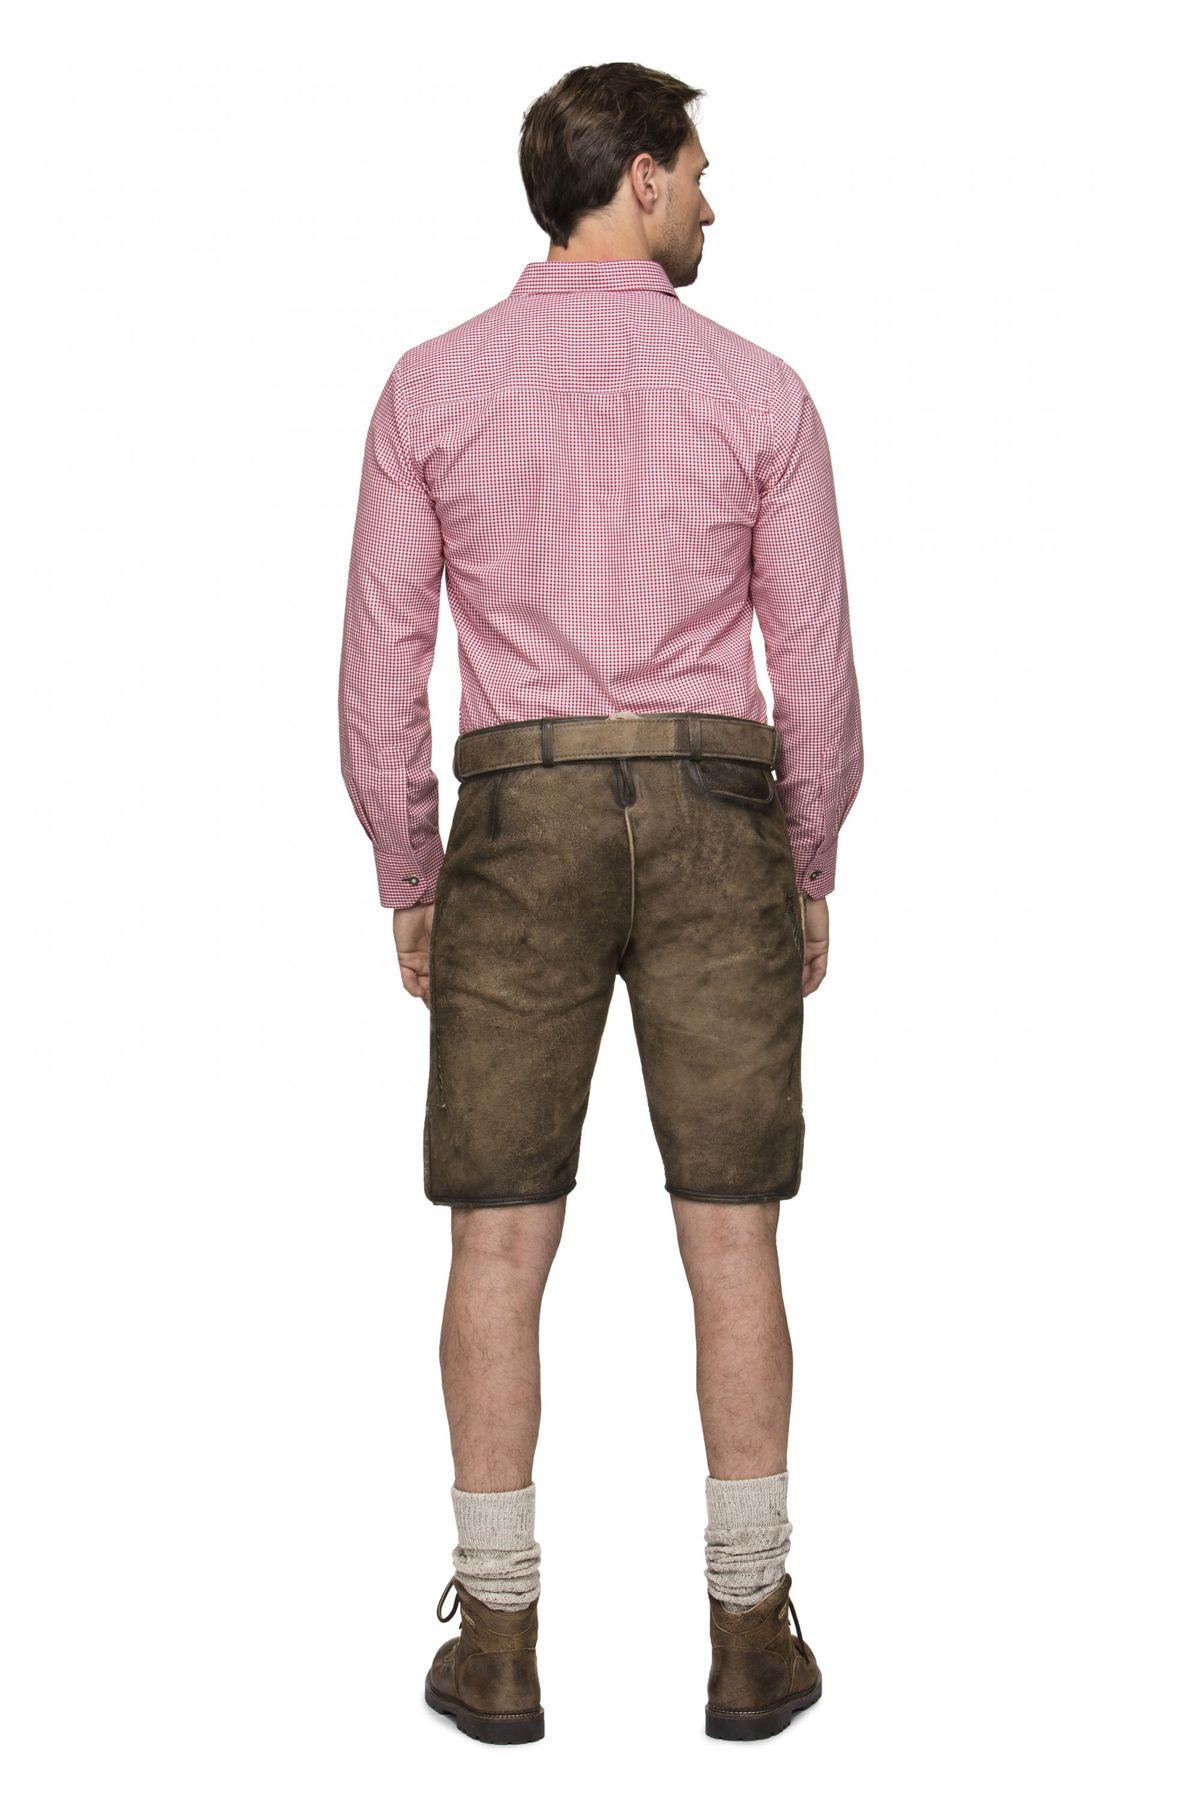 Stockerpoint - Herren Lederhose mit Gürtel, Stein Geäscht oder Korn gespeckt, Alois – Bild 8